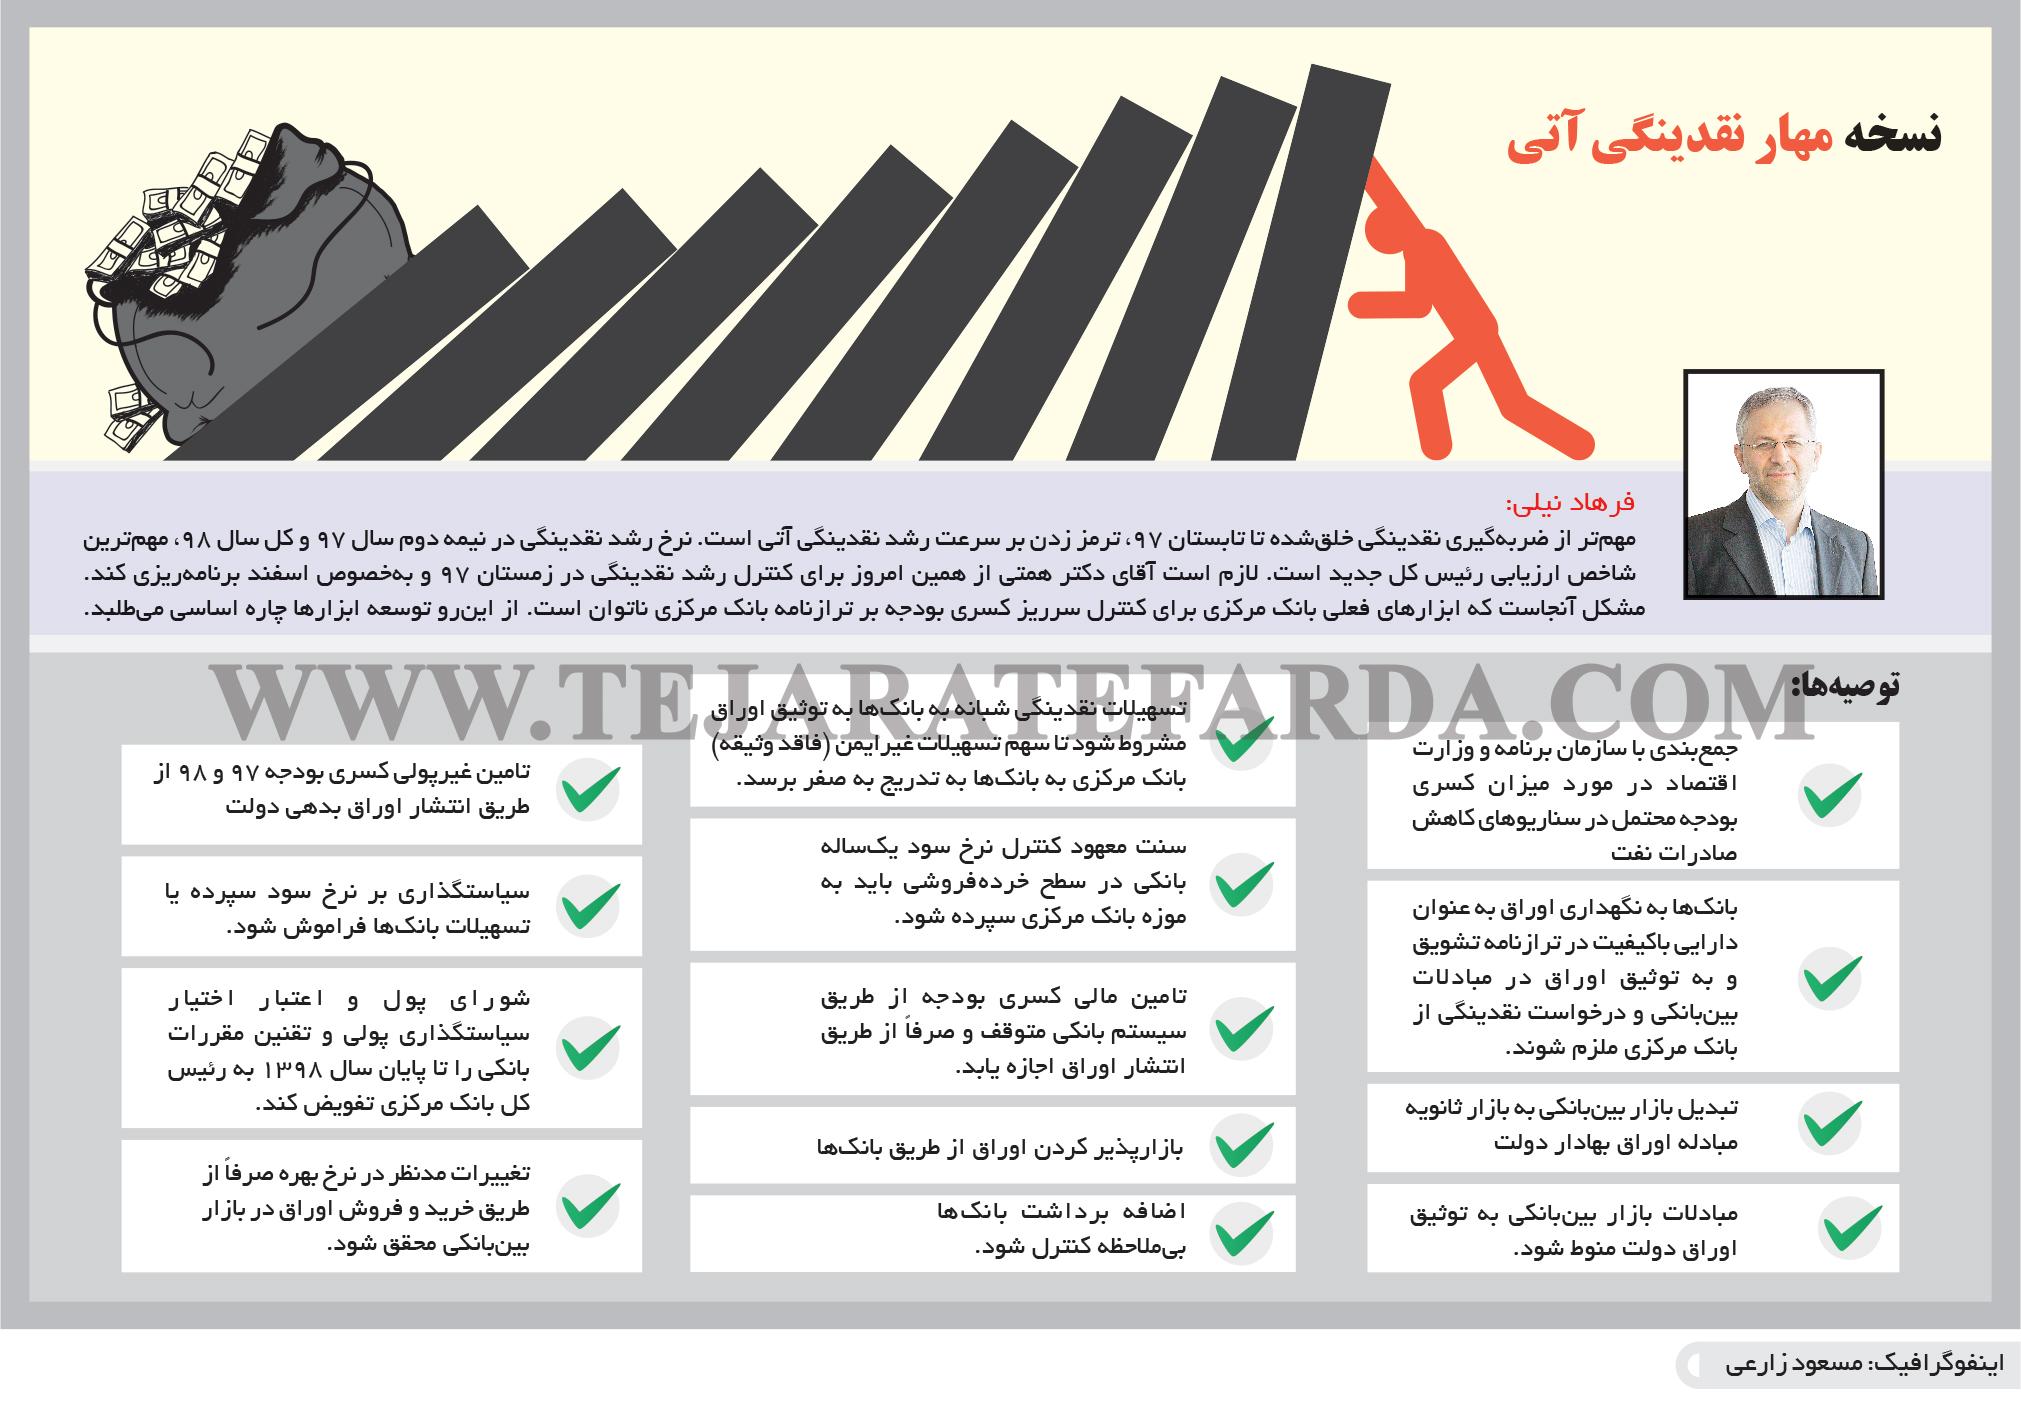 تجارت فردا- اینفوگرافیک- نسخه مهار نقدینگی آتی